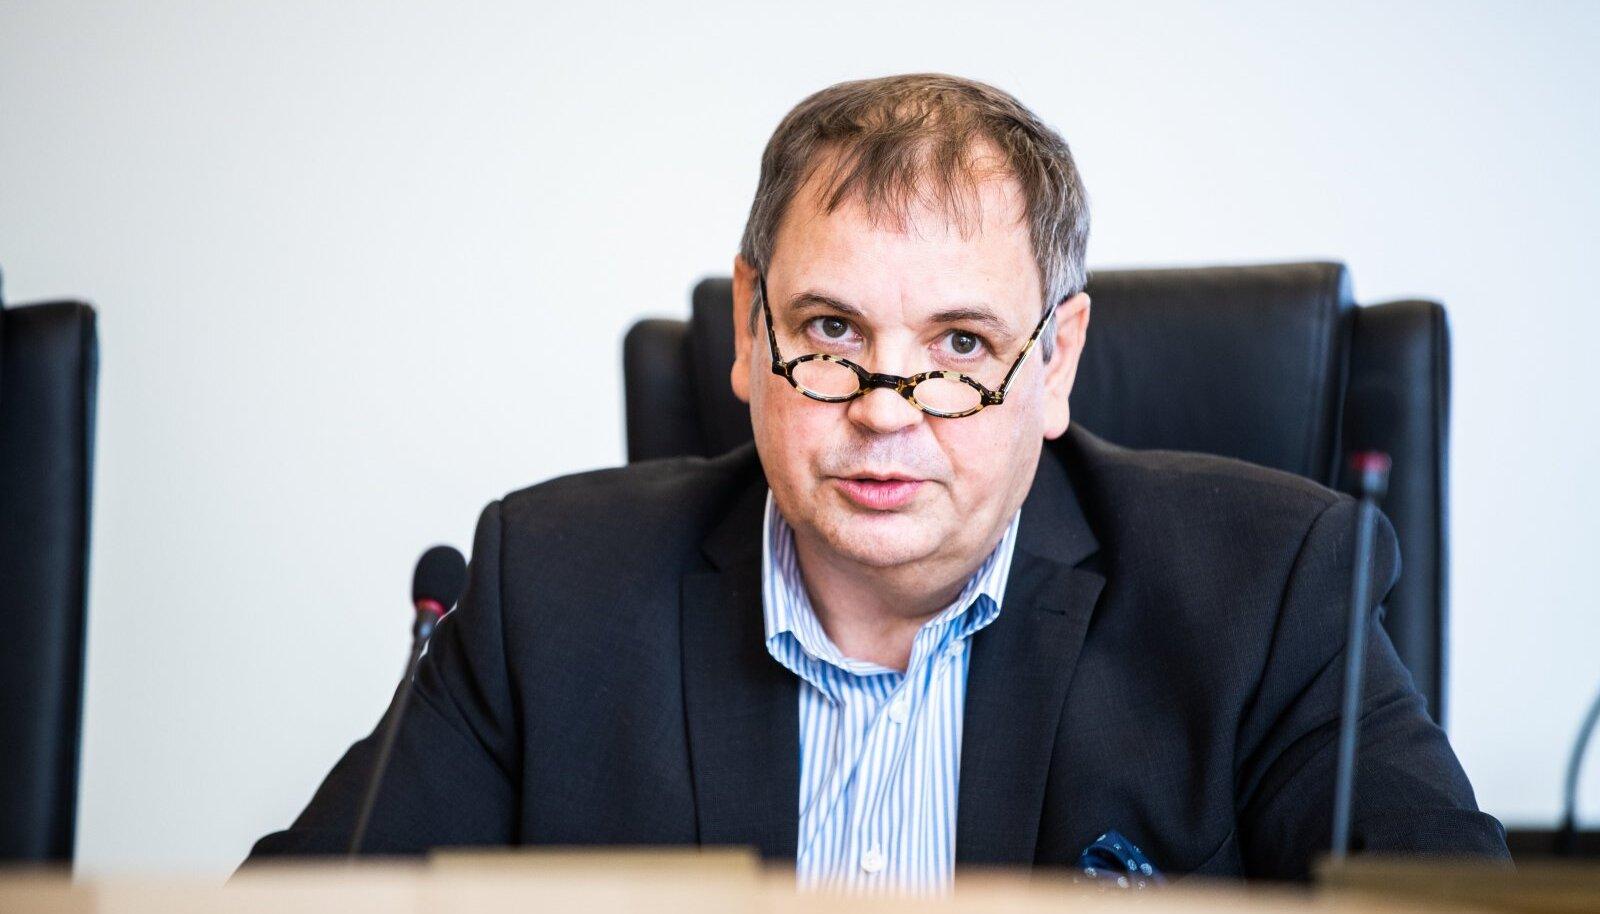 Ohutusjuurdluse keskuse juht Jens Haug.